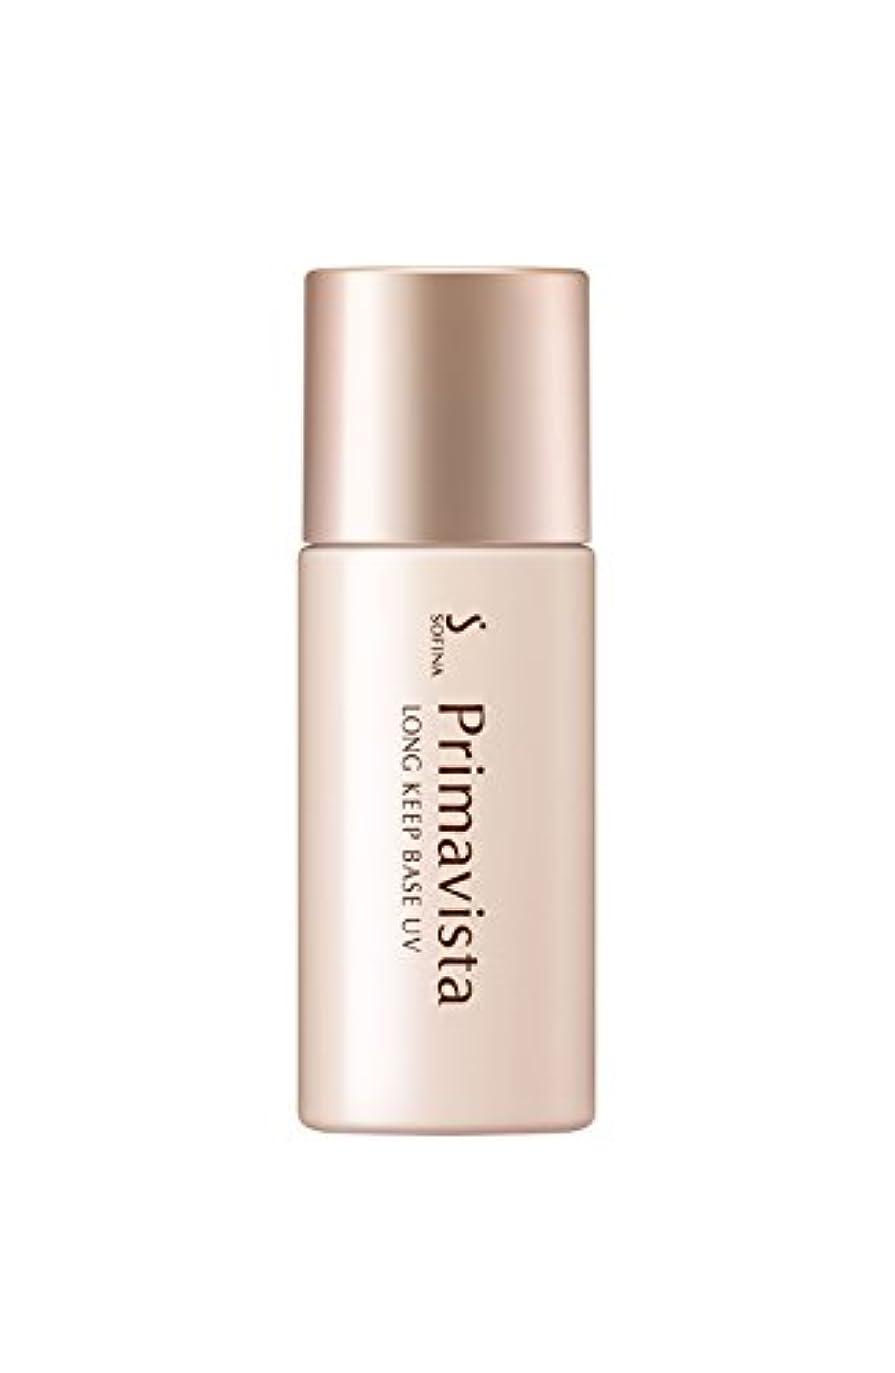 揃える私たち二層プリマヴィスタ 皮脂くずれ防止化粧下地UV SPF20 PA++